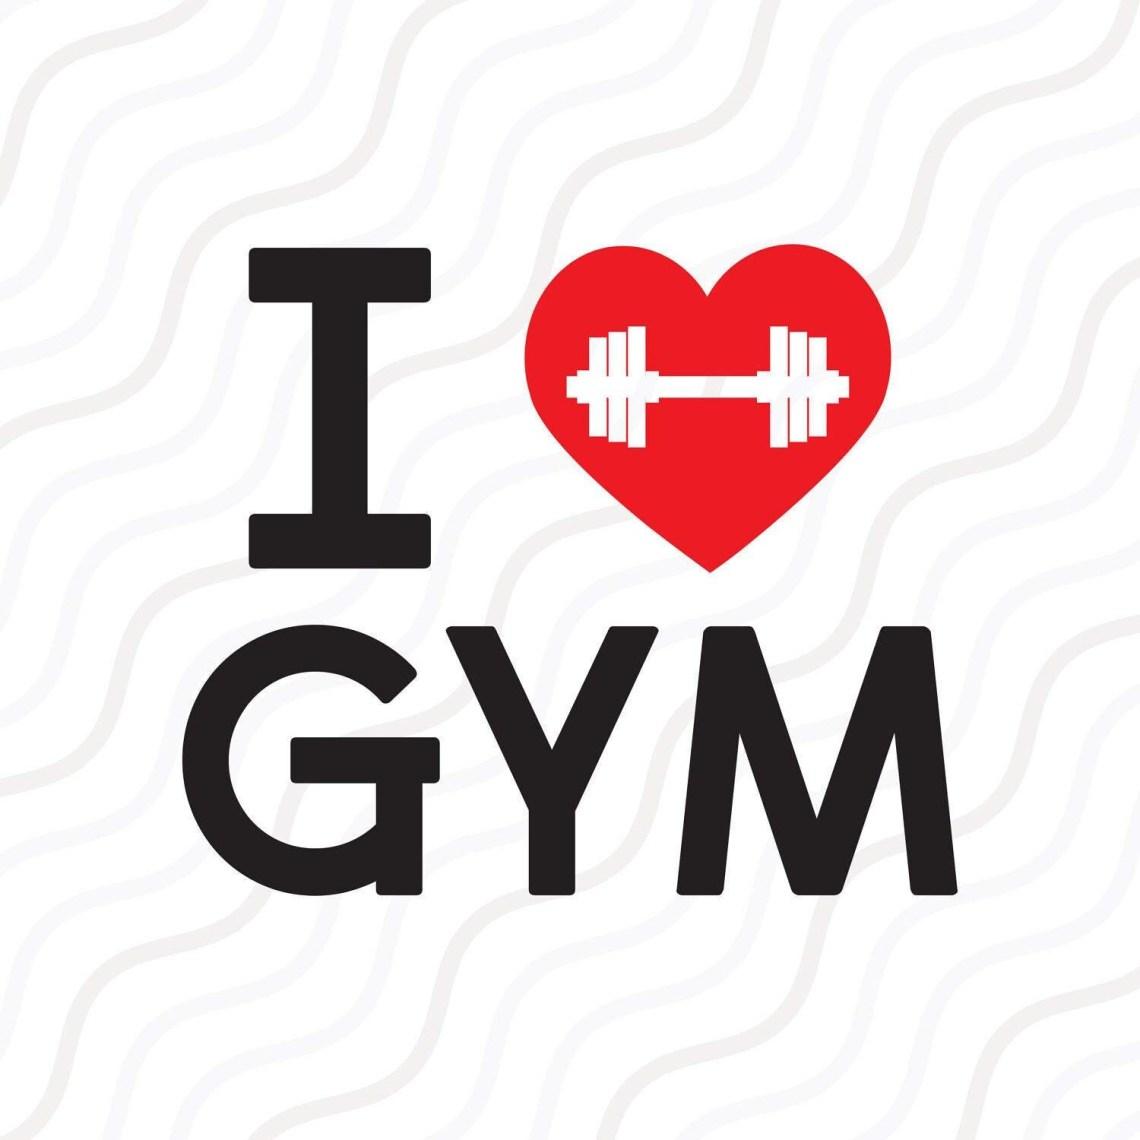 Download I Love Gym SVG Work Out svg Gym SVG Barbell SVG Cut table